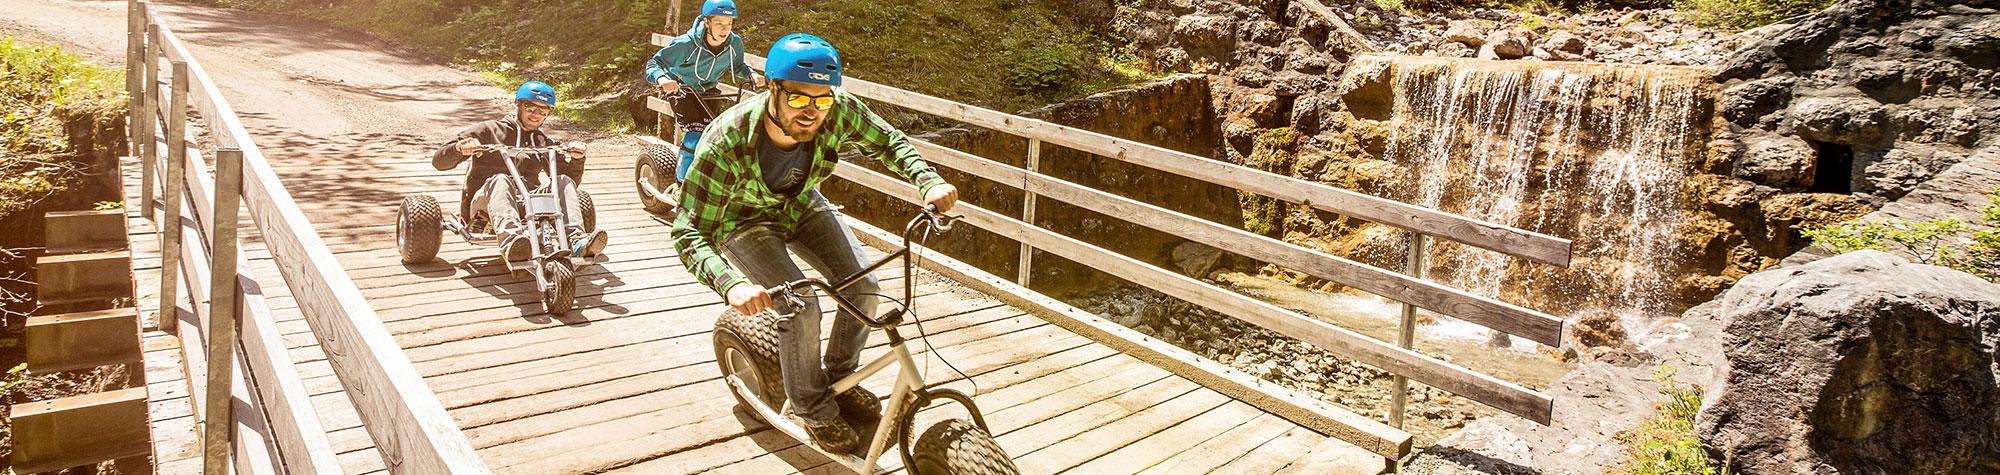 Spaß auf drei Rädern – Die Mountainkarts Brandnertal